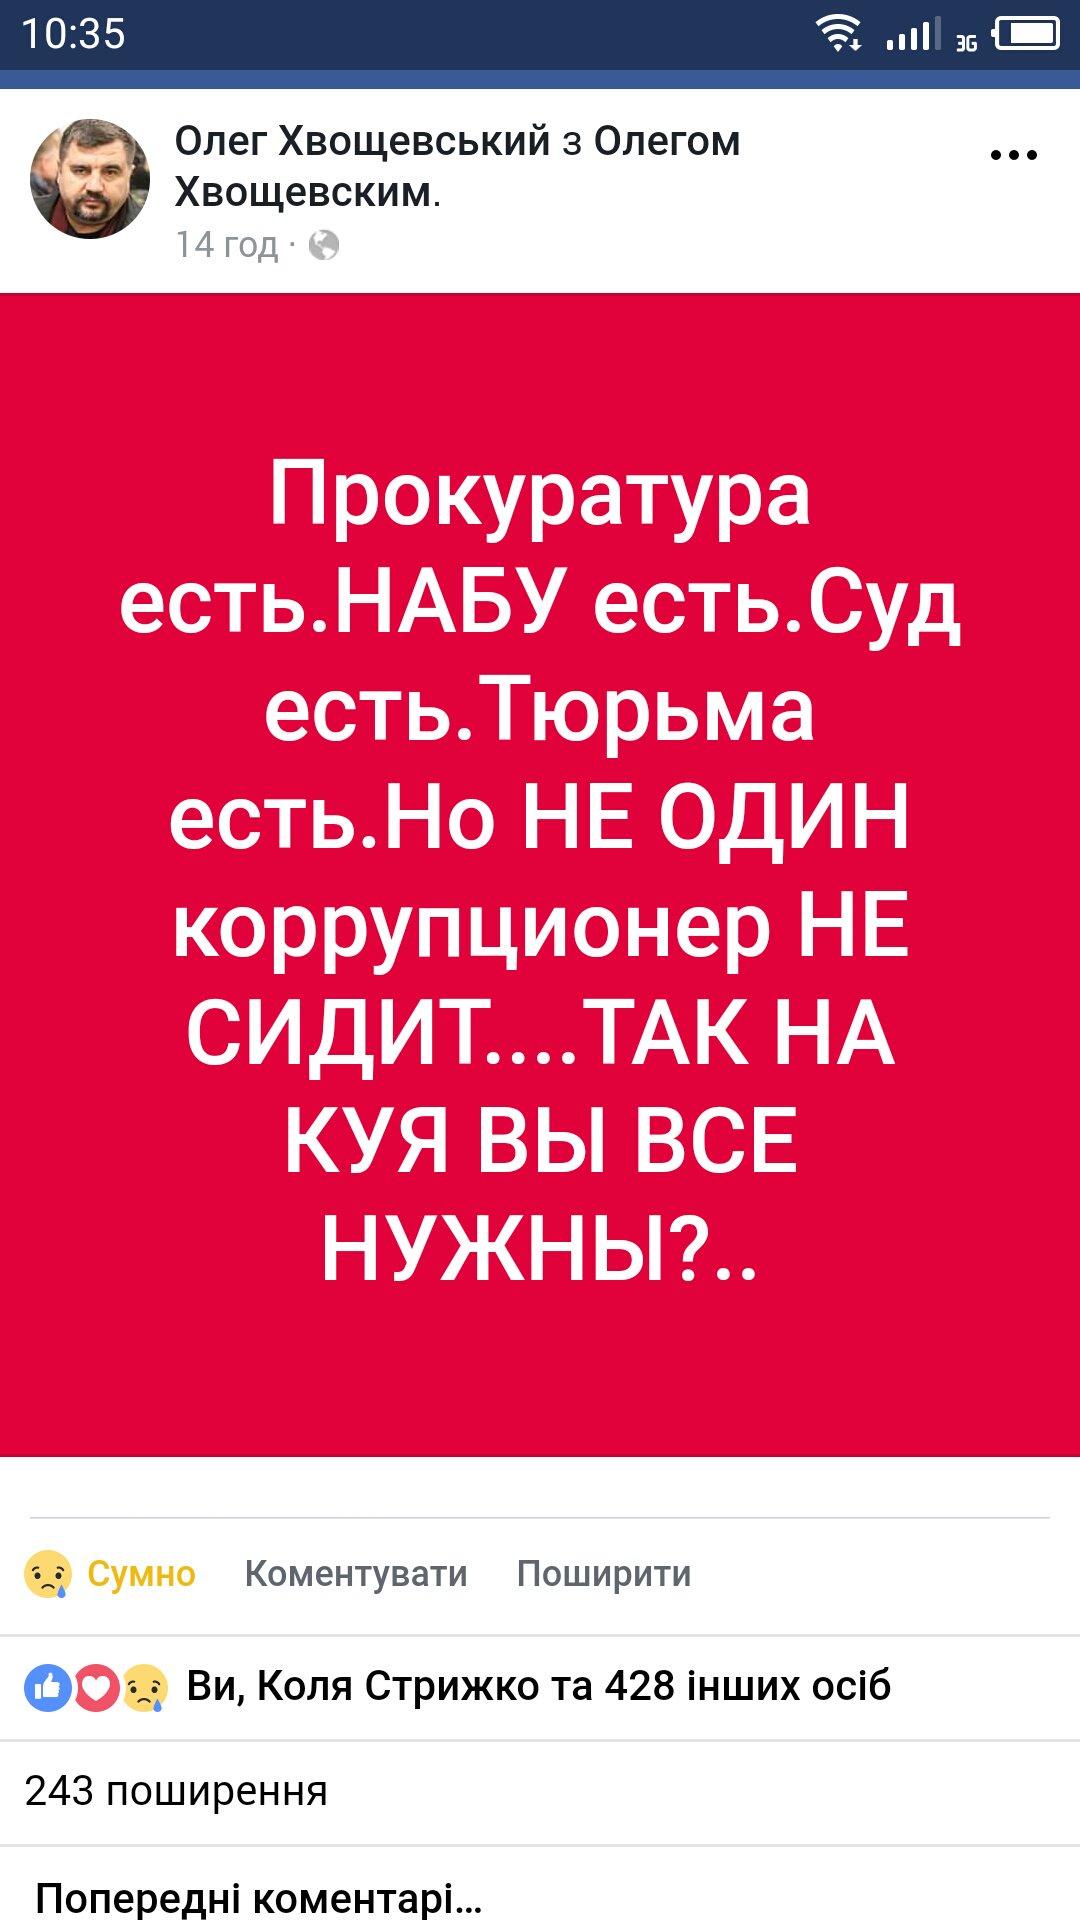 Активісти пікетували ГПУ з вимогою відставки Луценка - Цензор.НЕТ 4358